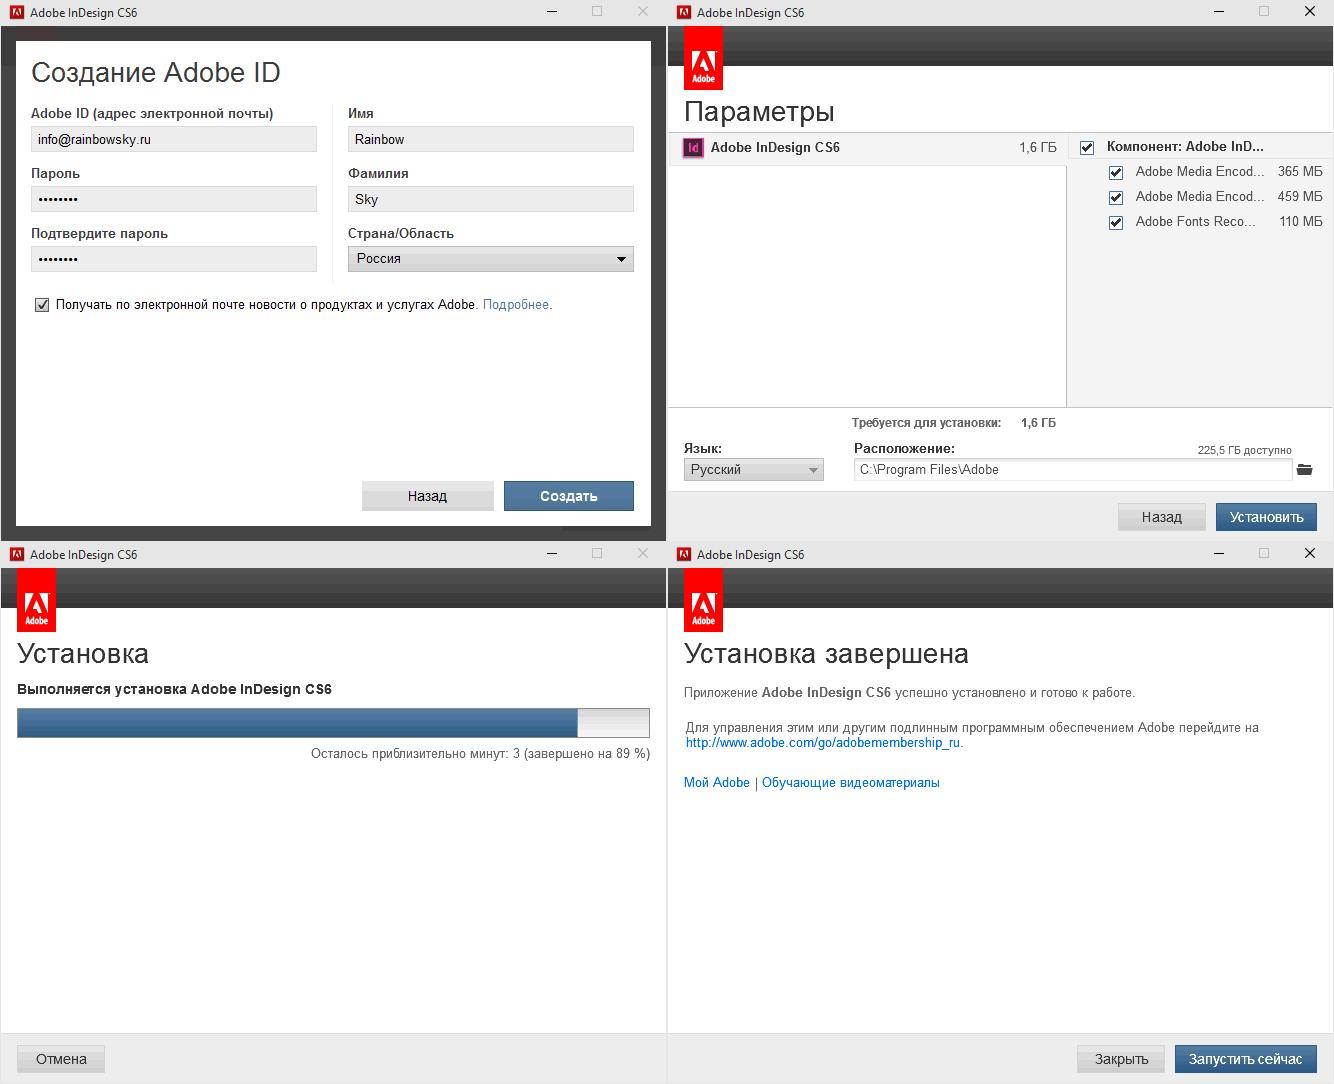 Установка бесплатной версии Адобе ИнДизайн